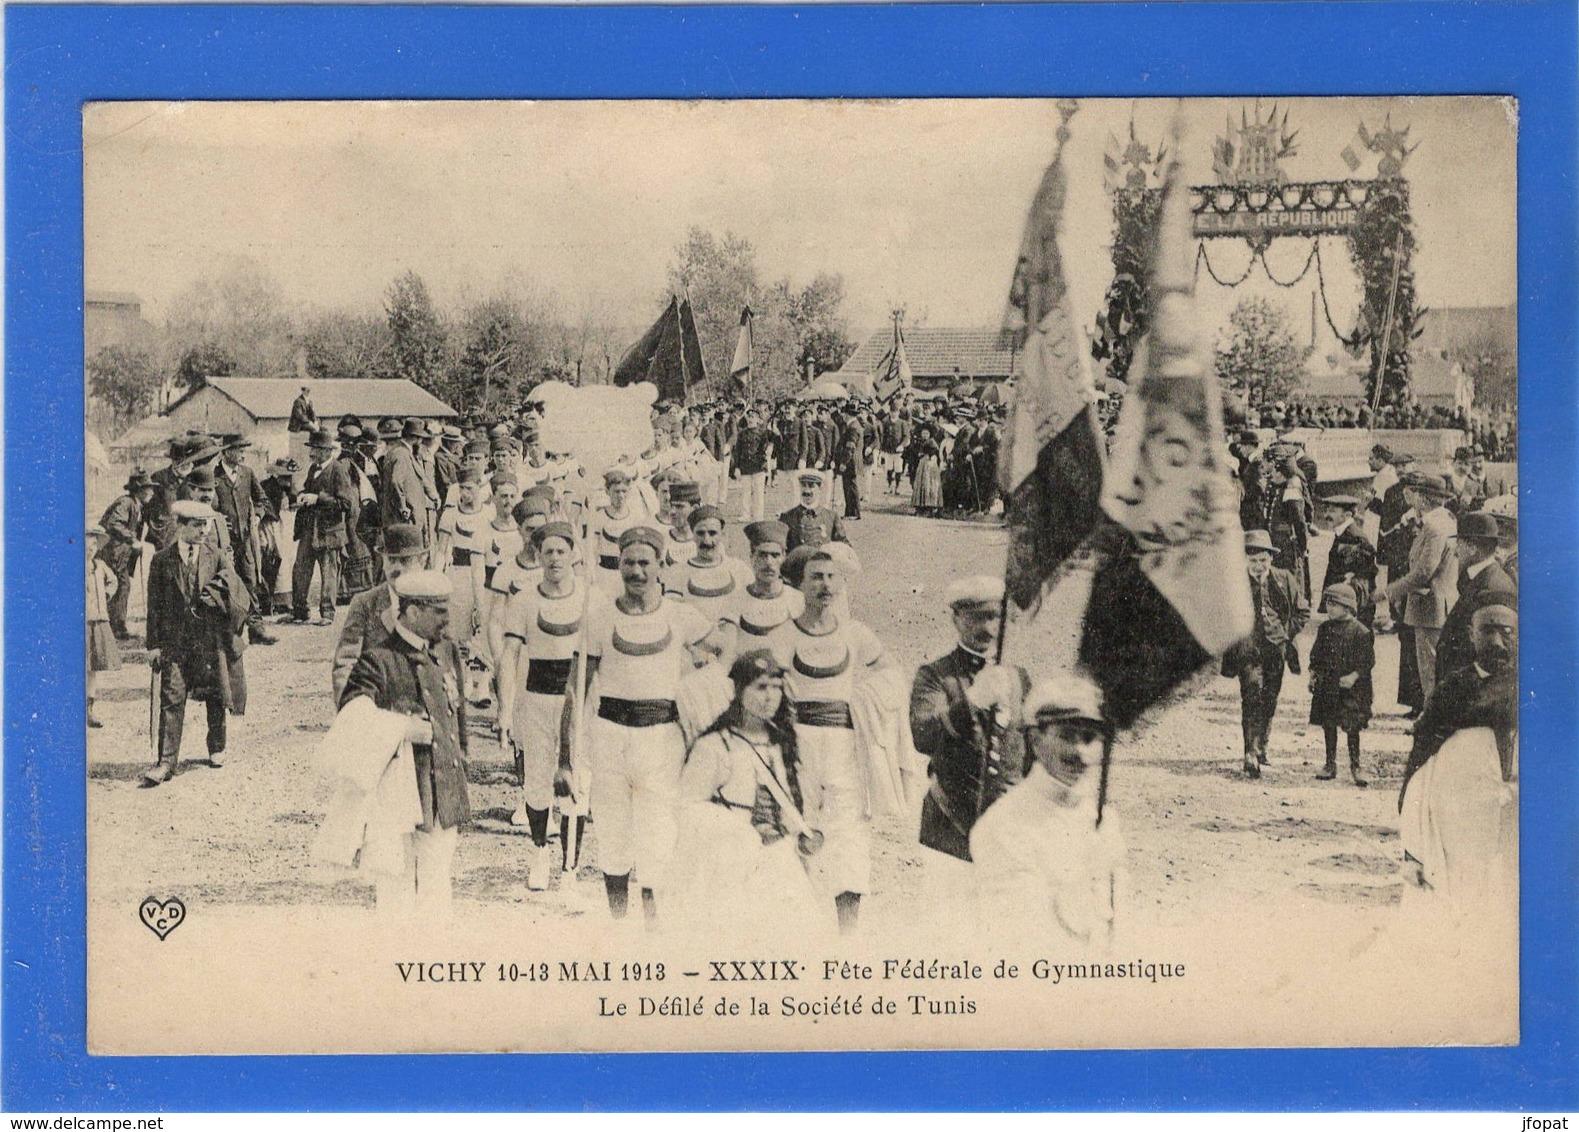 03 ALLIER - VICHY 39ème Fête Fédérale De Gymnastique, Défilé De La Société De Tunis - Vichy